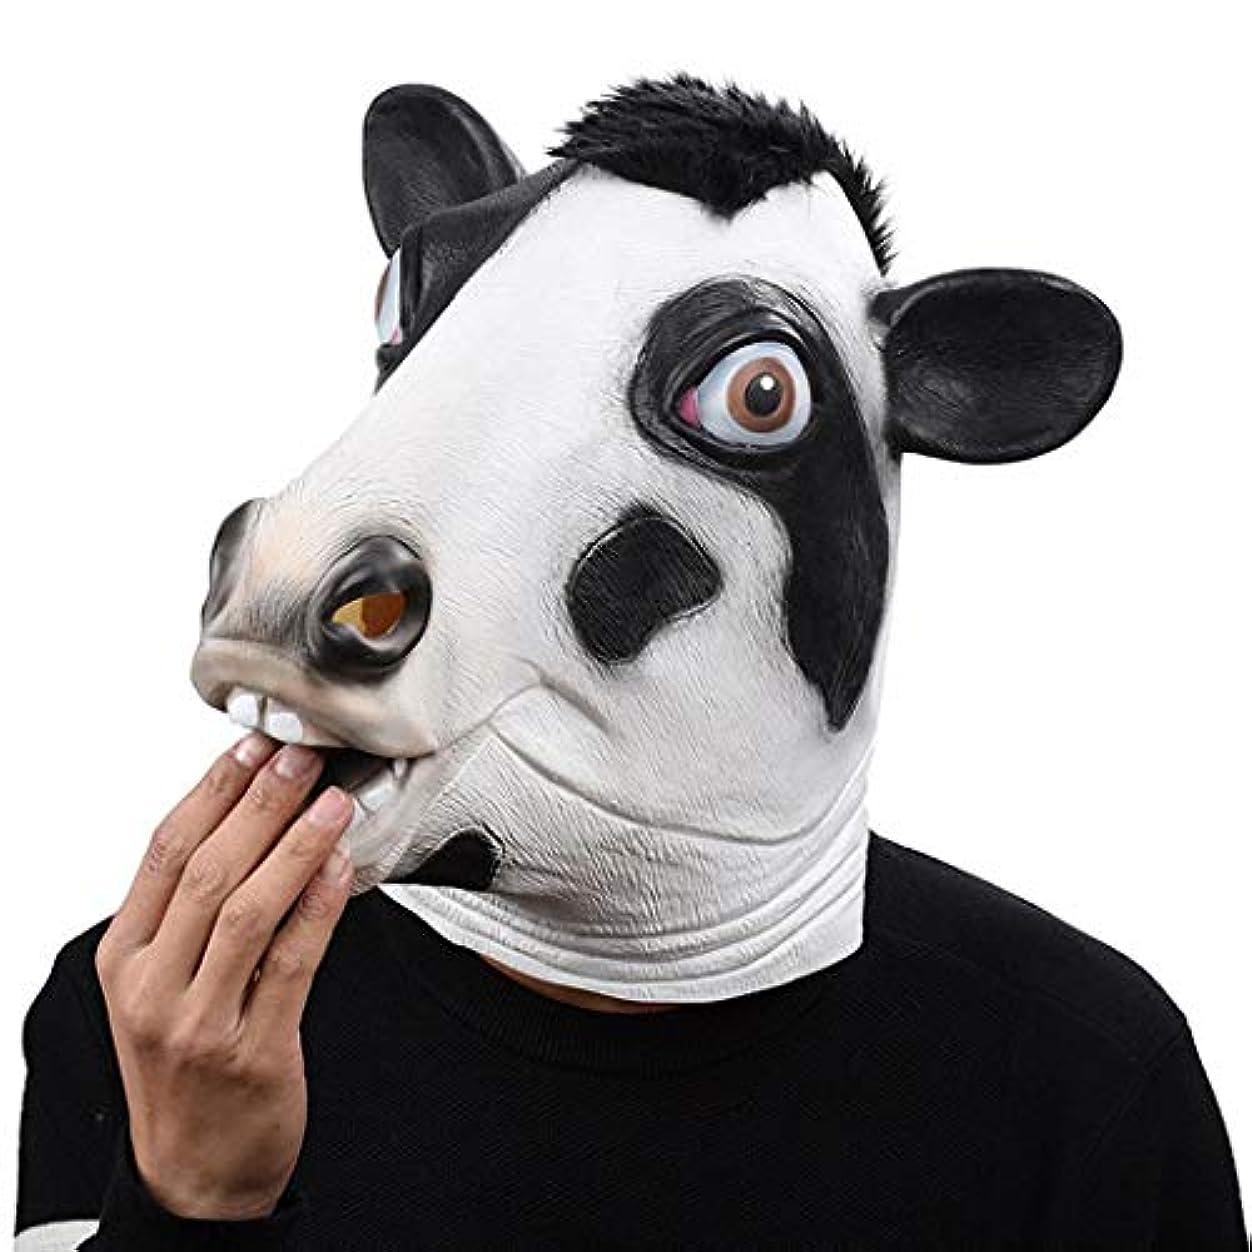 宇宙船めまいが正当化するハロウィンマスククリスマスボール牛スタイリングマスクパーティーマスクゲーム面白いパーティー用品